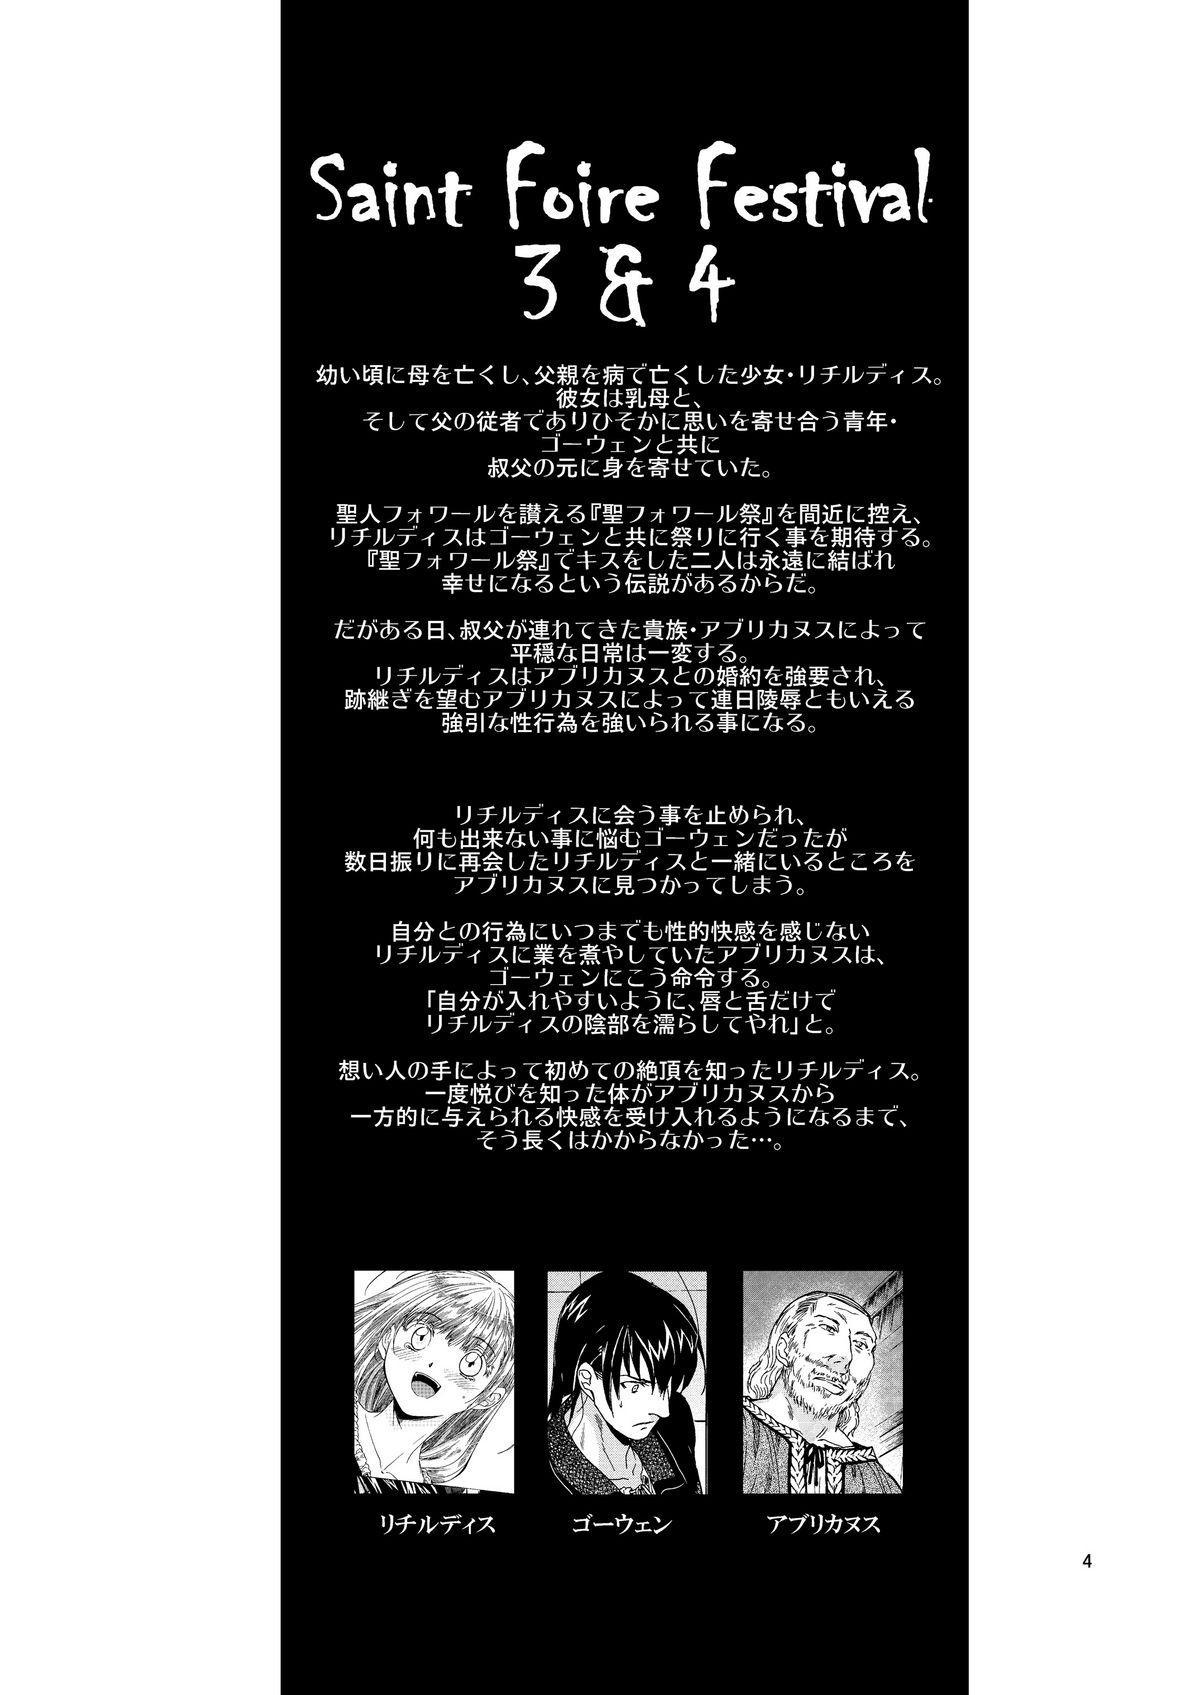 (C80) [Toko-ya (HEIZO, Kitoen)] Saint Foire Festival 5 (DL) [English] V2.0 2